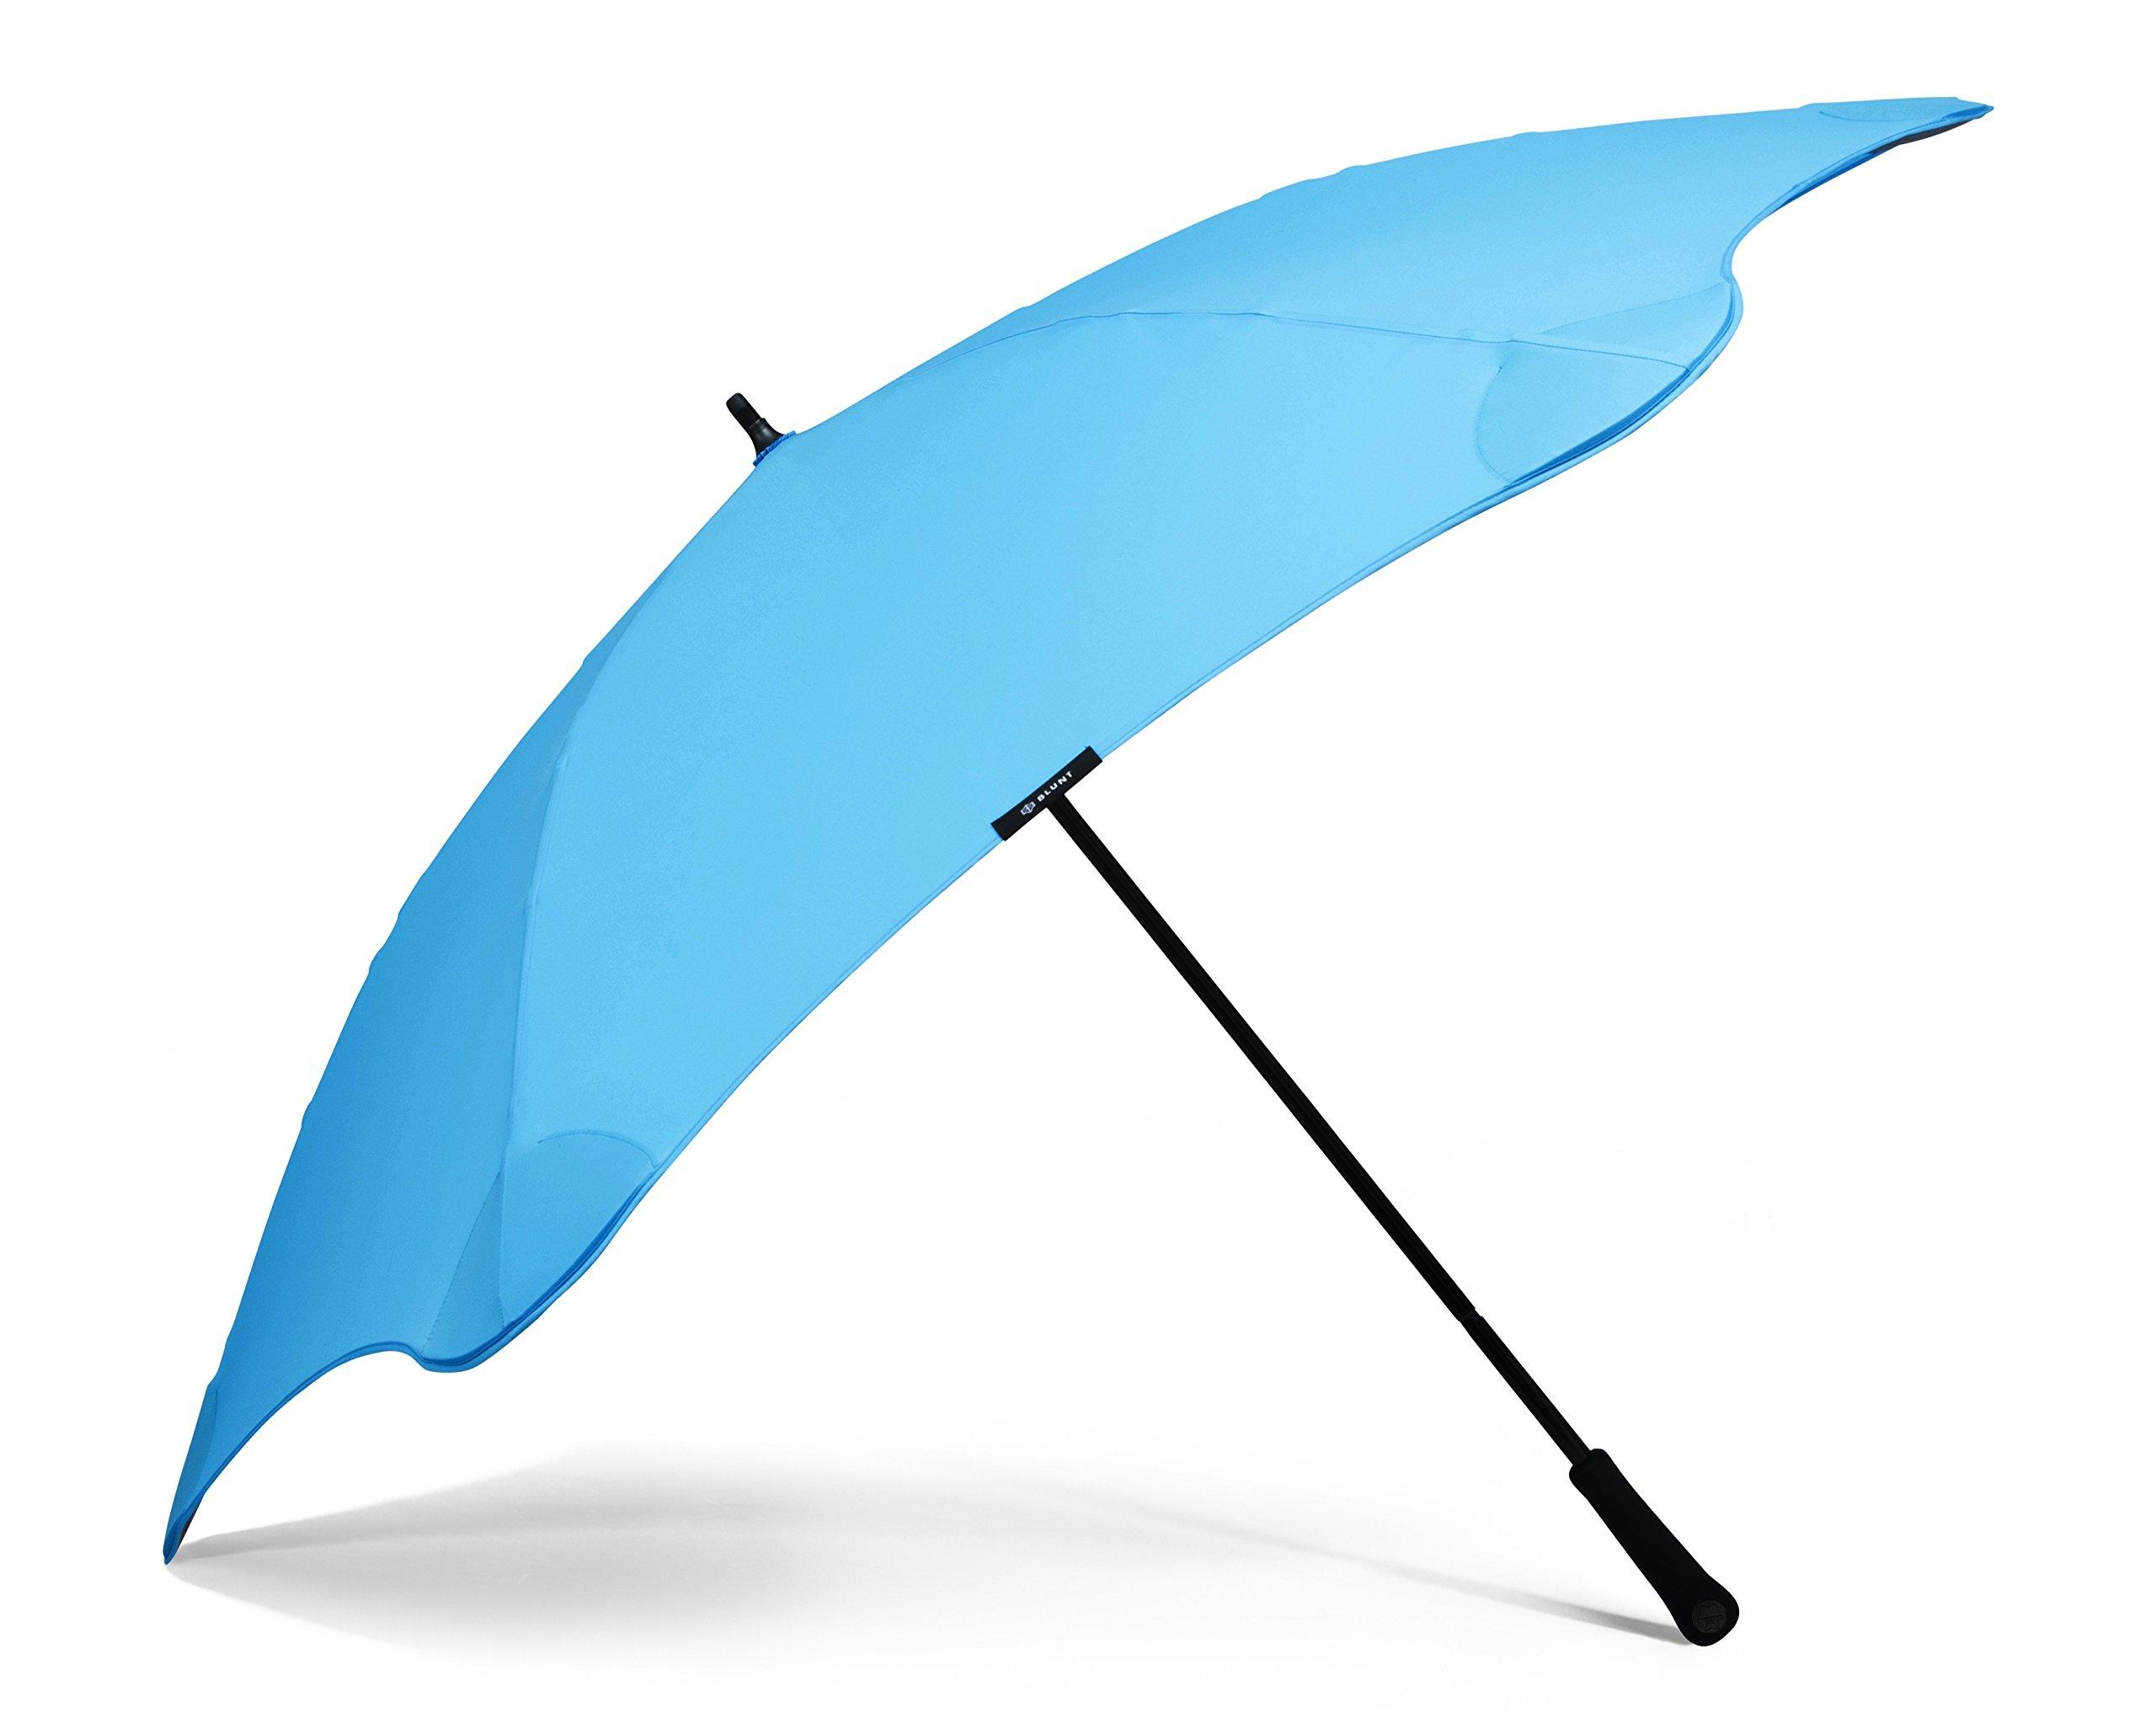 Blunt XL Umbrella (Blue)